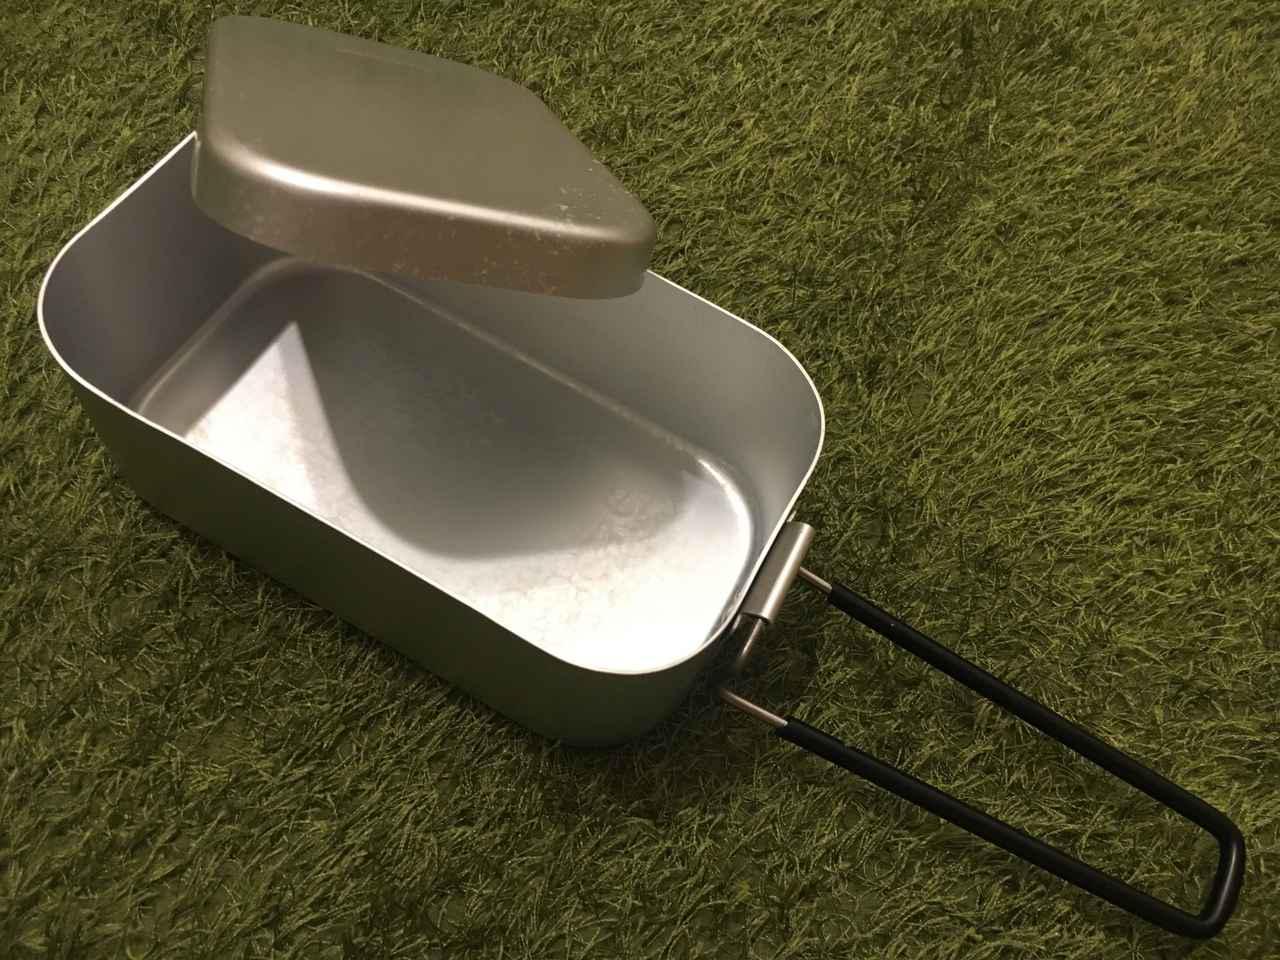 画像: 【ソロキャンプにおすすめ】アルミ製飯盒メスティン 炊飯のコツと簡単キャンプ飯3選 - ハピキャン(HAPPY CAMPER)